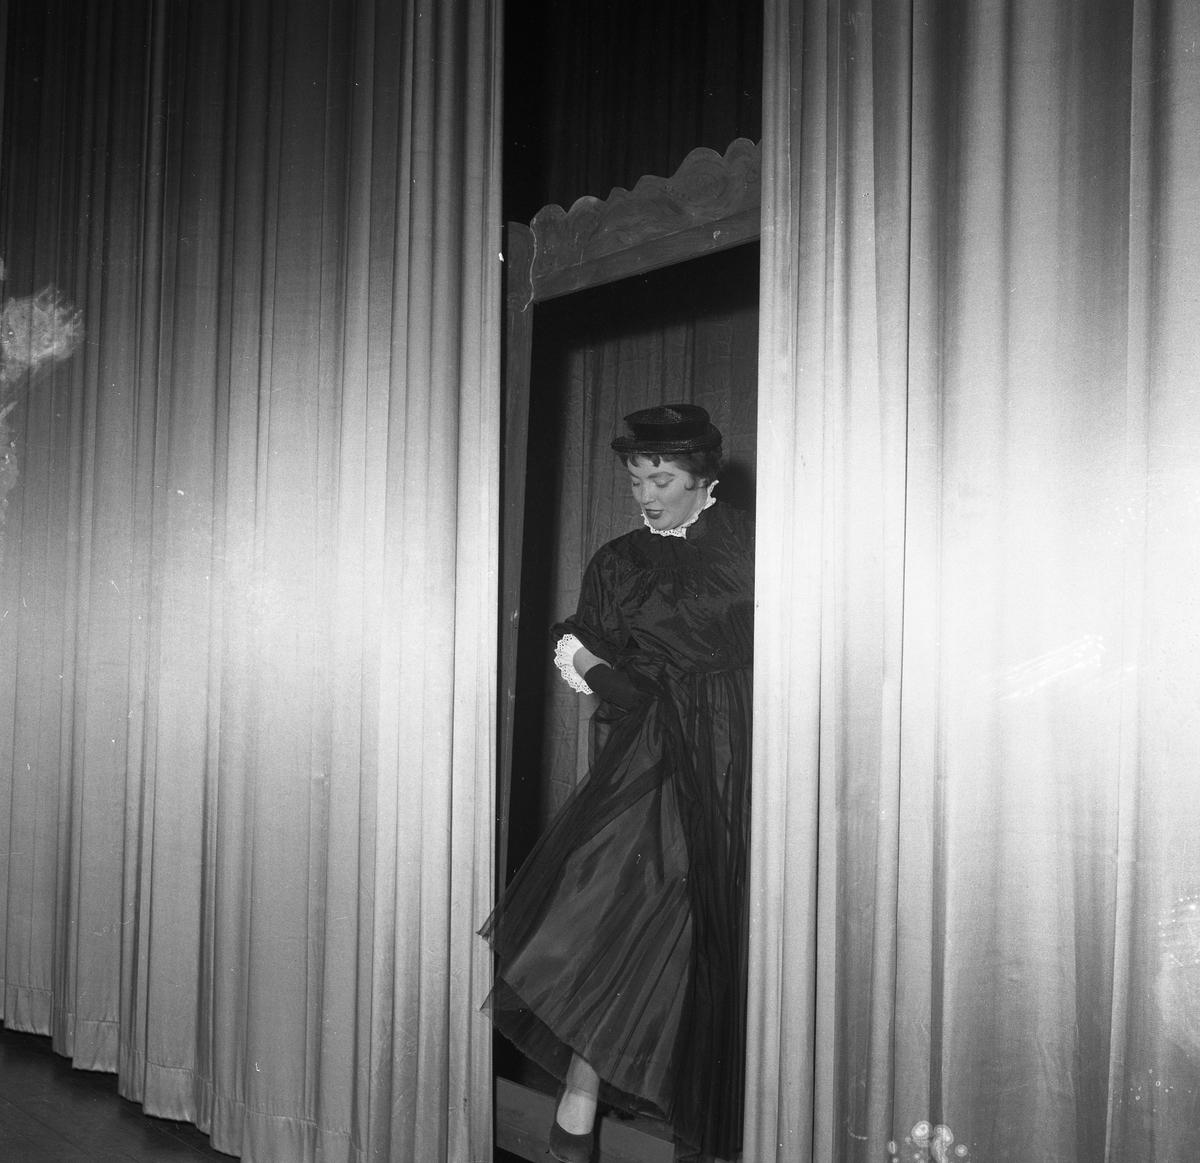 Arbogarevyn spelar upp sin Jubileumsrevy. En kvinna, i hatt och klänning, kliver in på scenen mellan ridåerna.